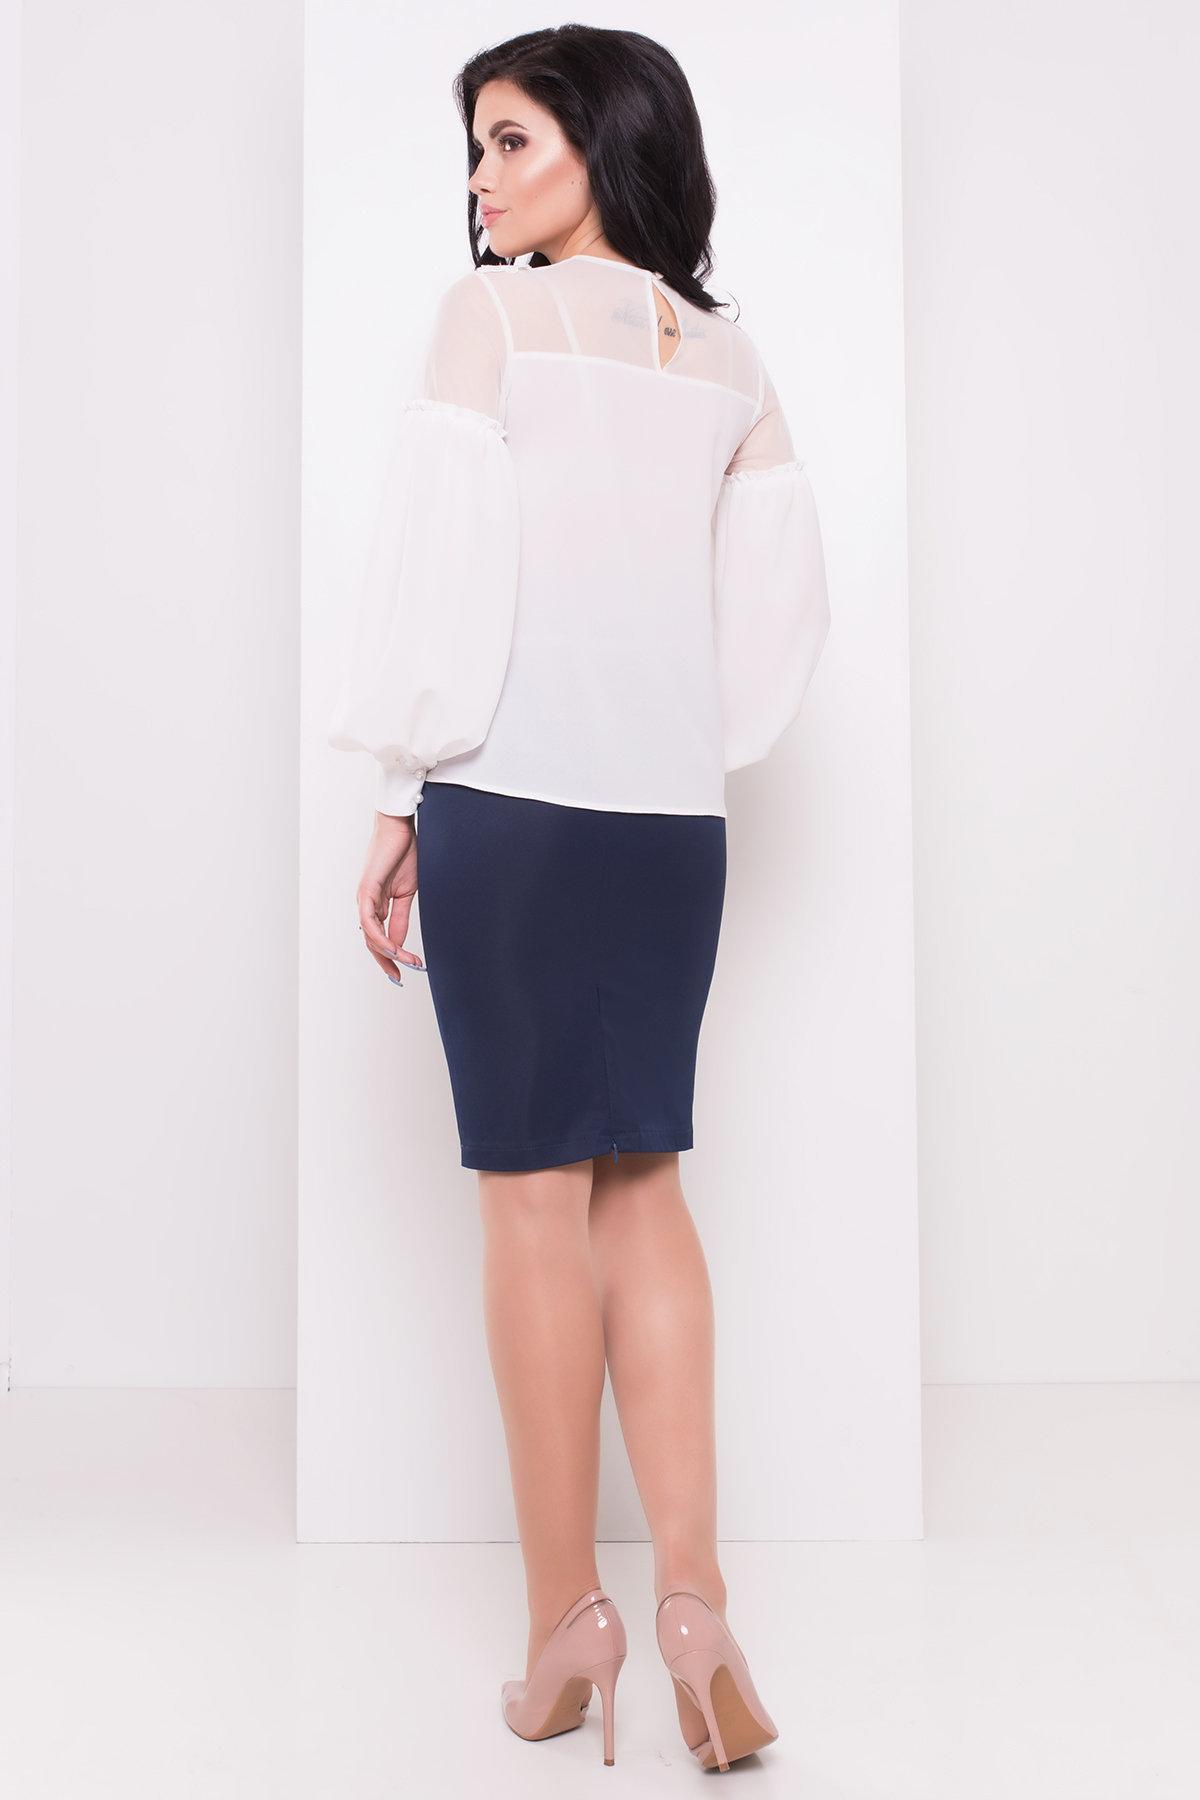 Шифоновая блузка Асия 3230 АРТ. 16639 Цвет: Белый - фото 2, интернет магазин tm-modus.ru